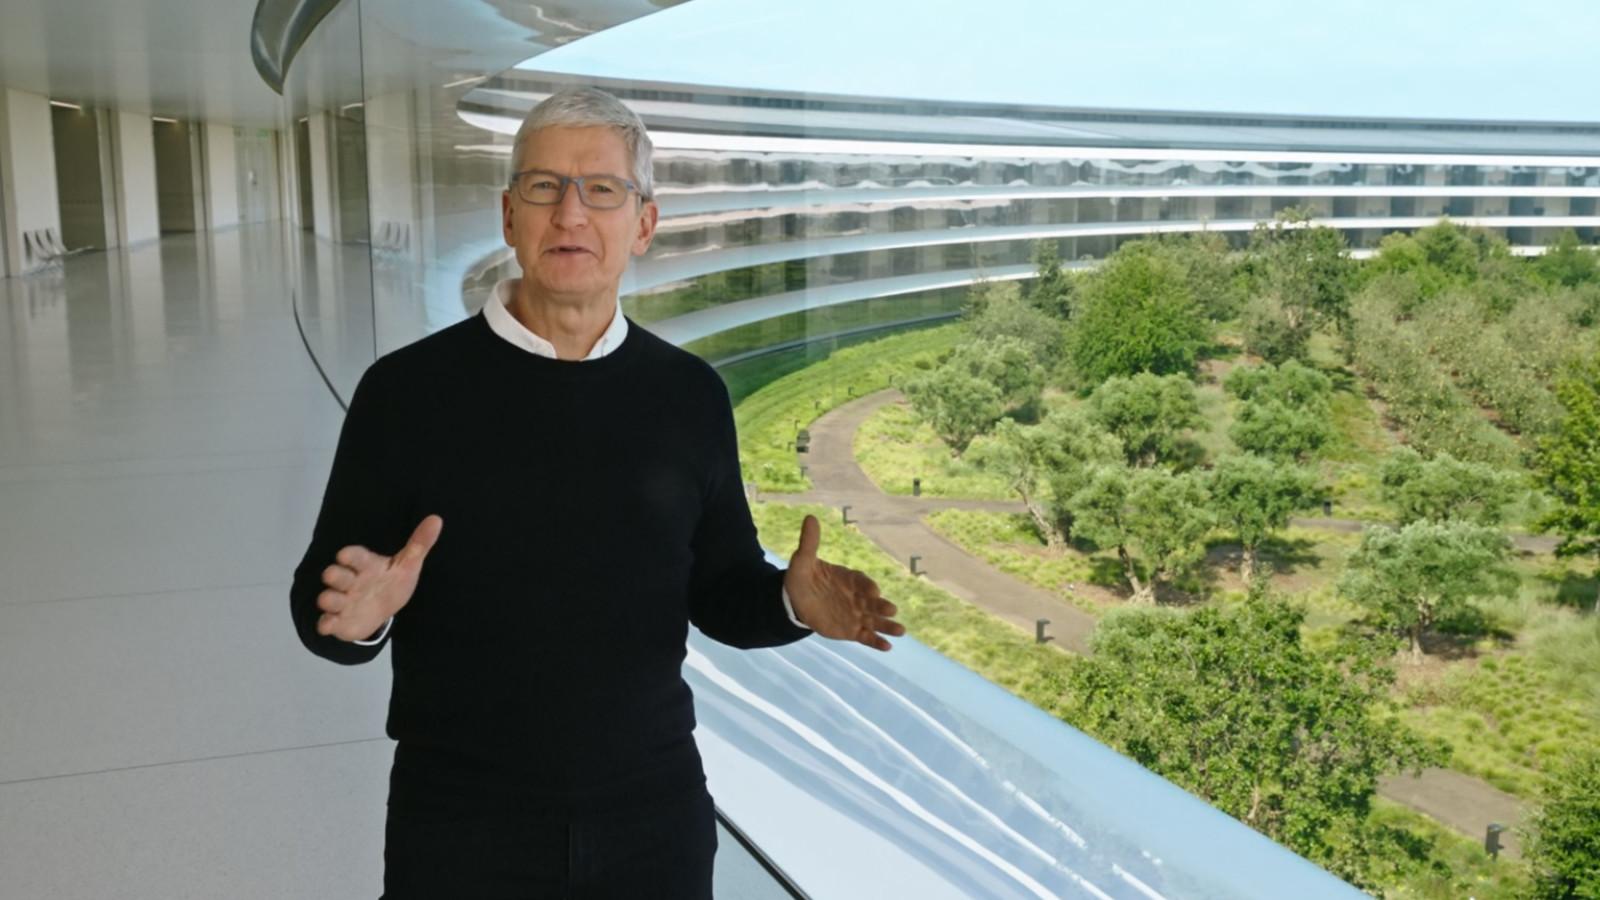 Apple Keynote 2020, Tim Cook